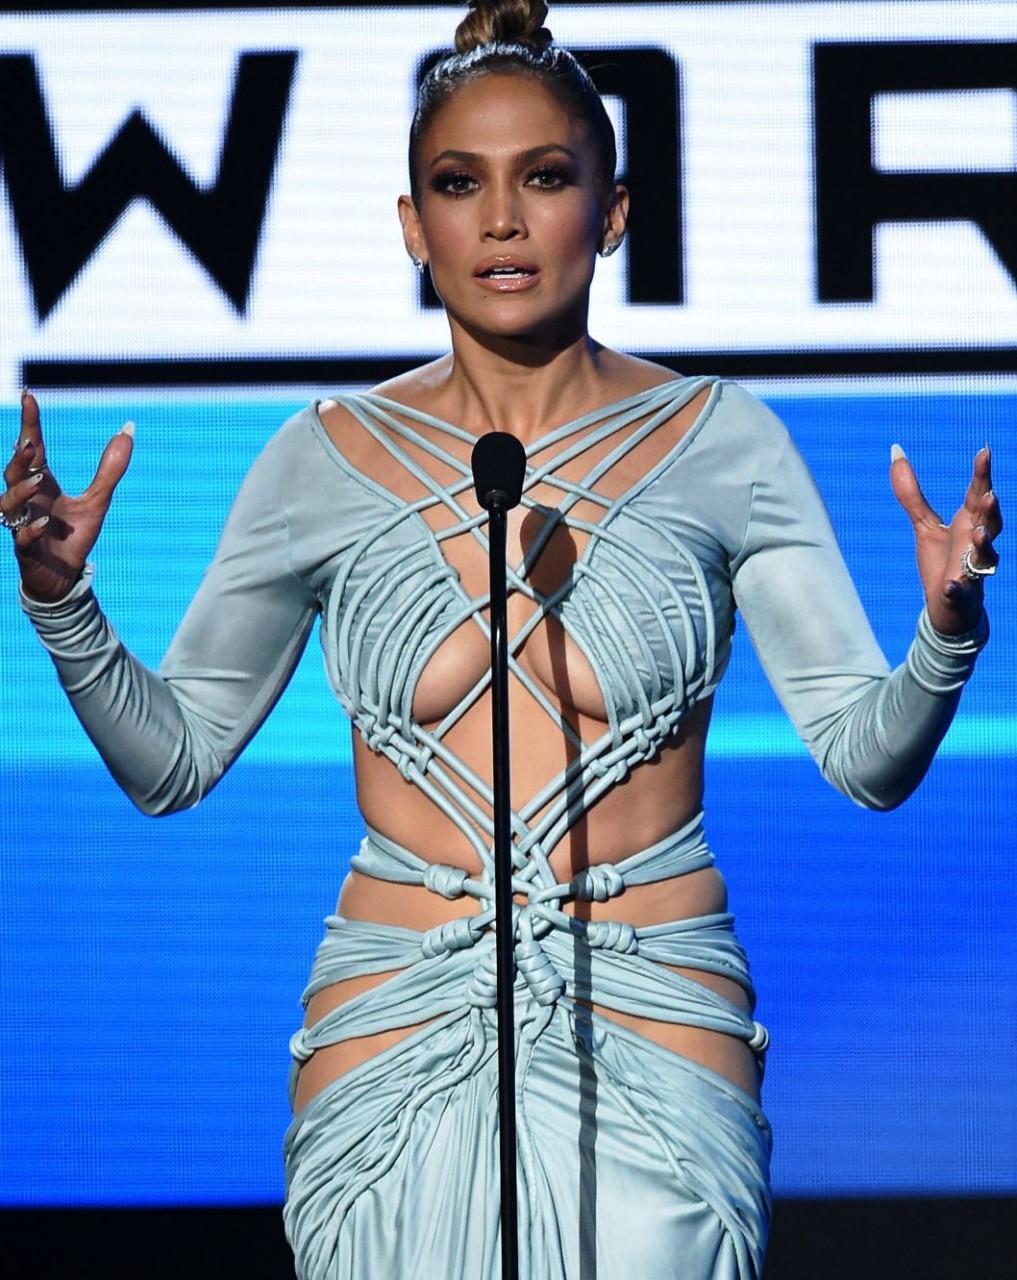 Церемония вручения American Music Awards 2015: лопнувший костюм испортил потрясающее шоу Дженнифер Лопес